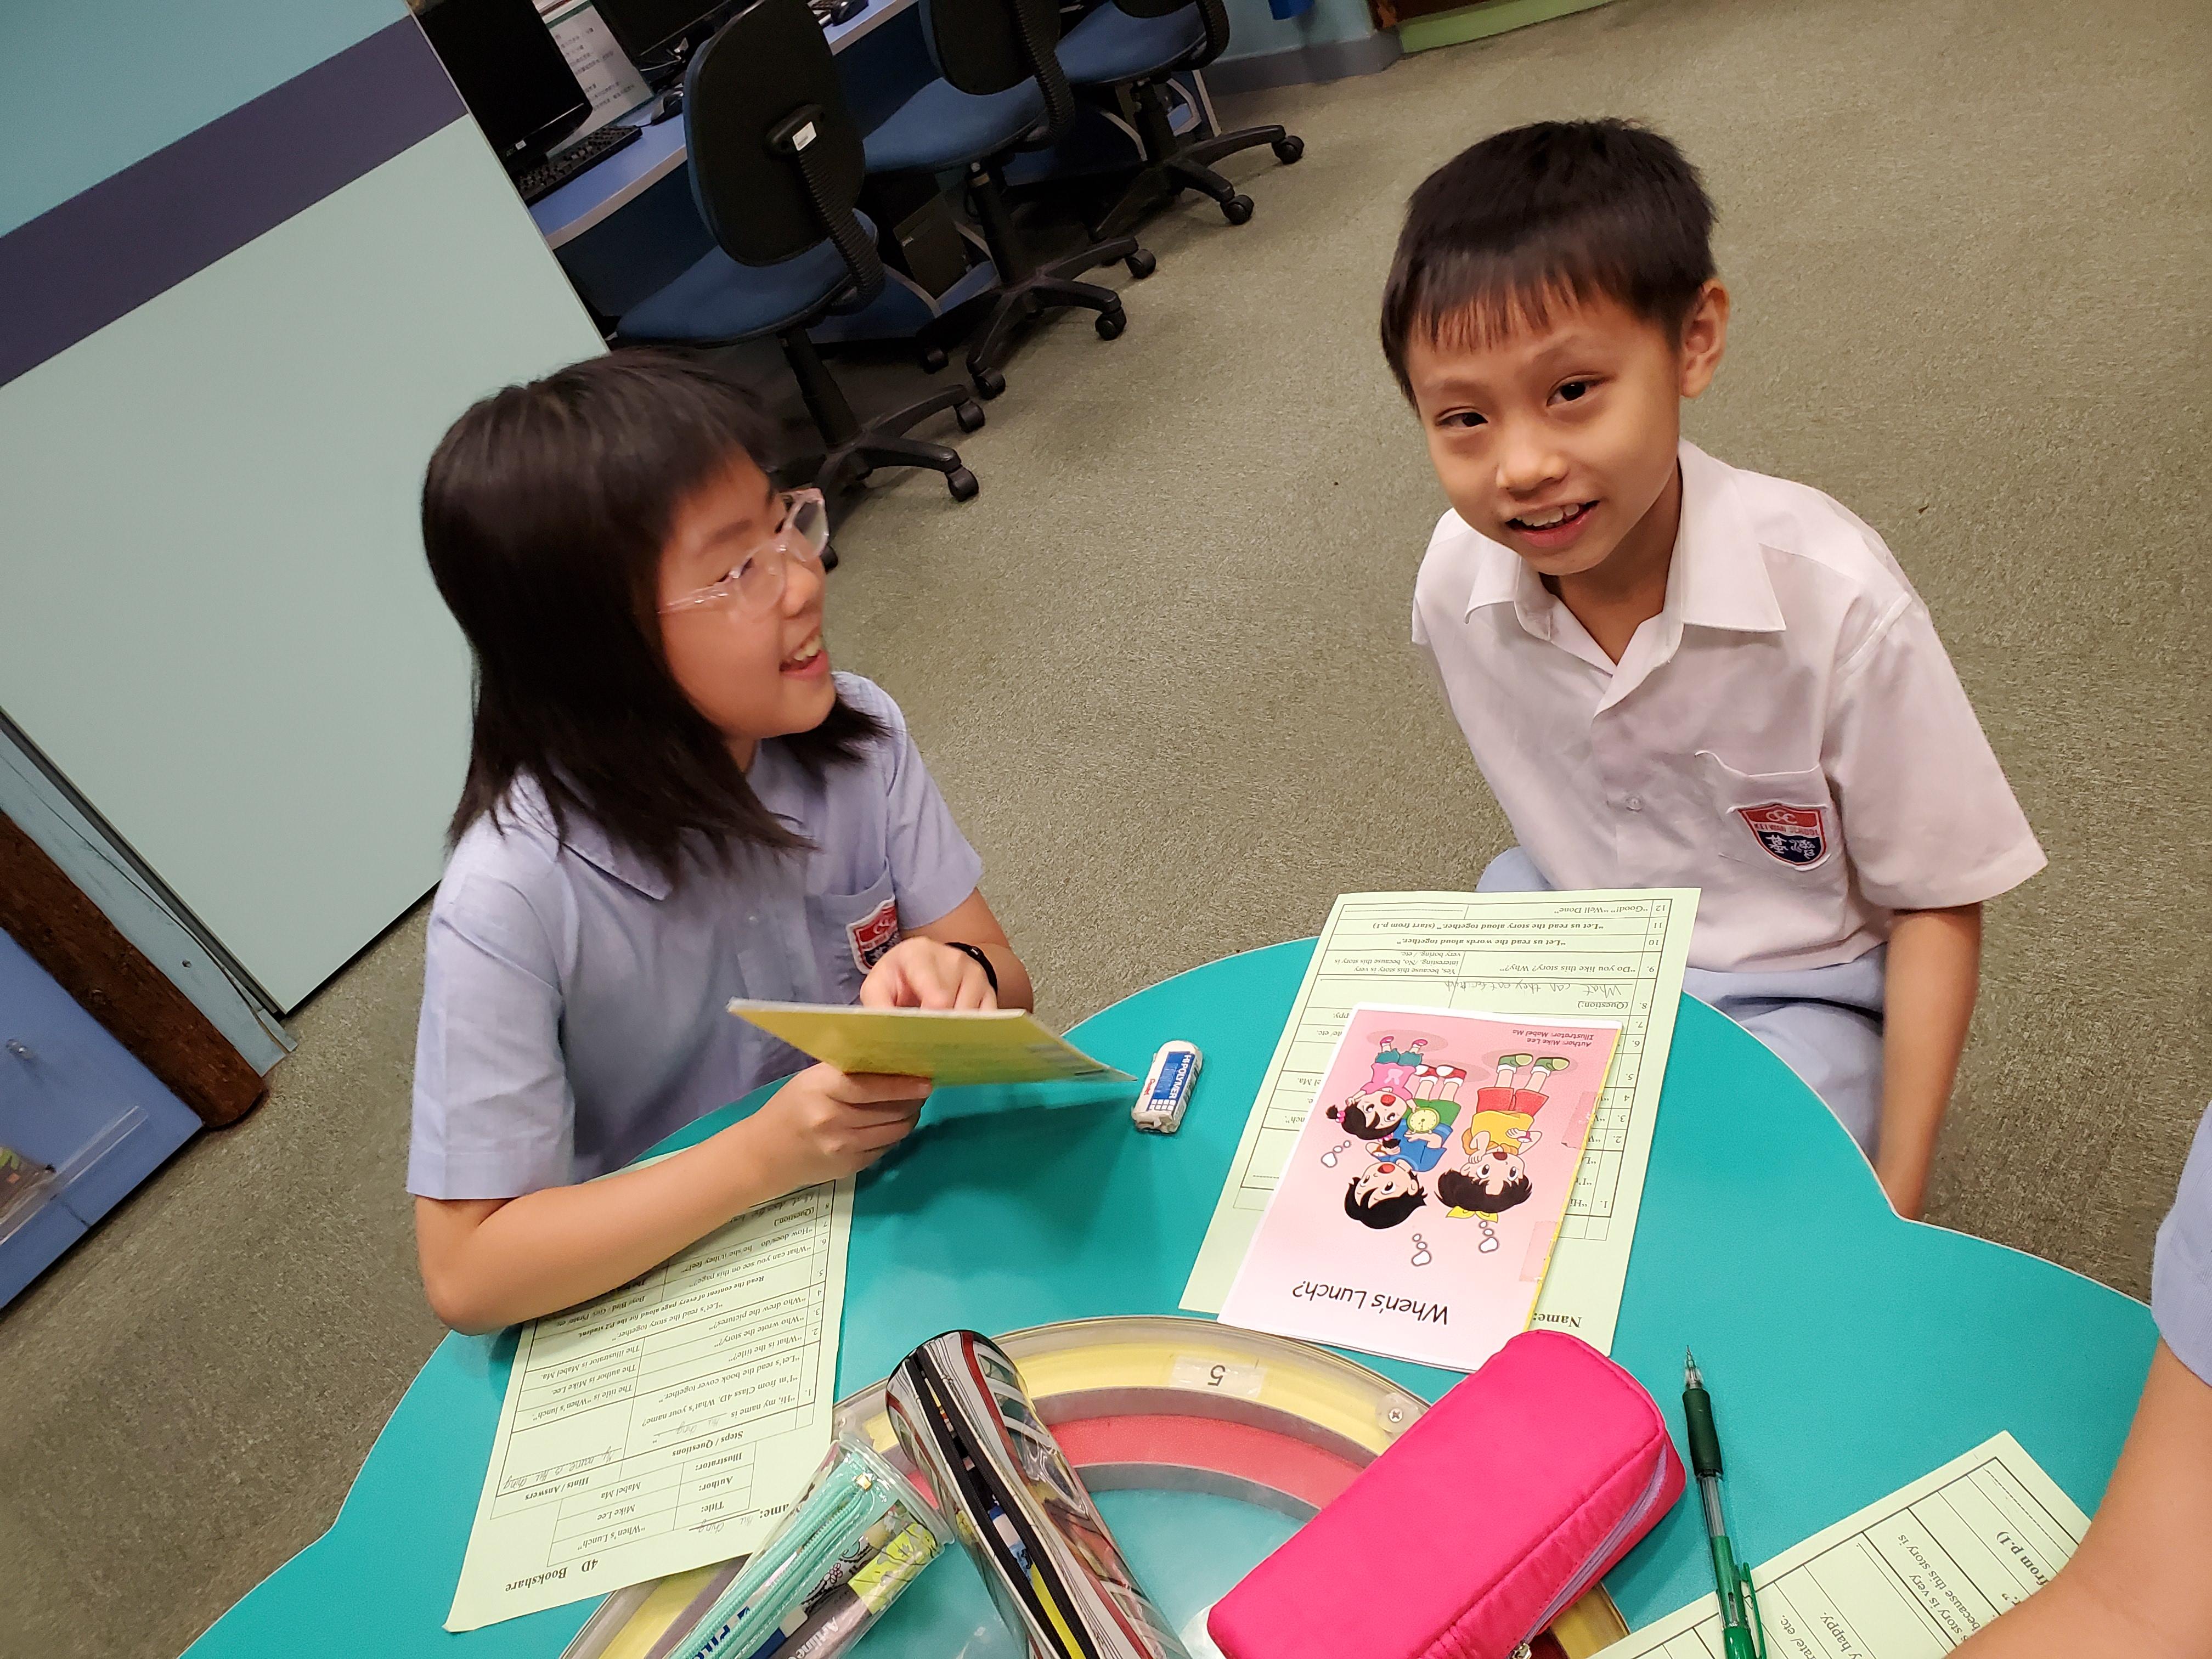 http://www.keiwan.edu.hk/sites/default/files/20191008_102052.jpg